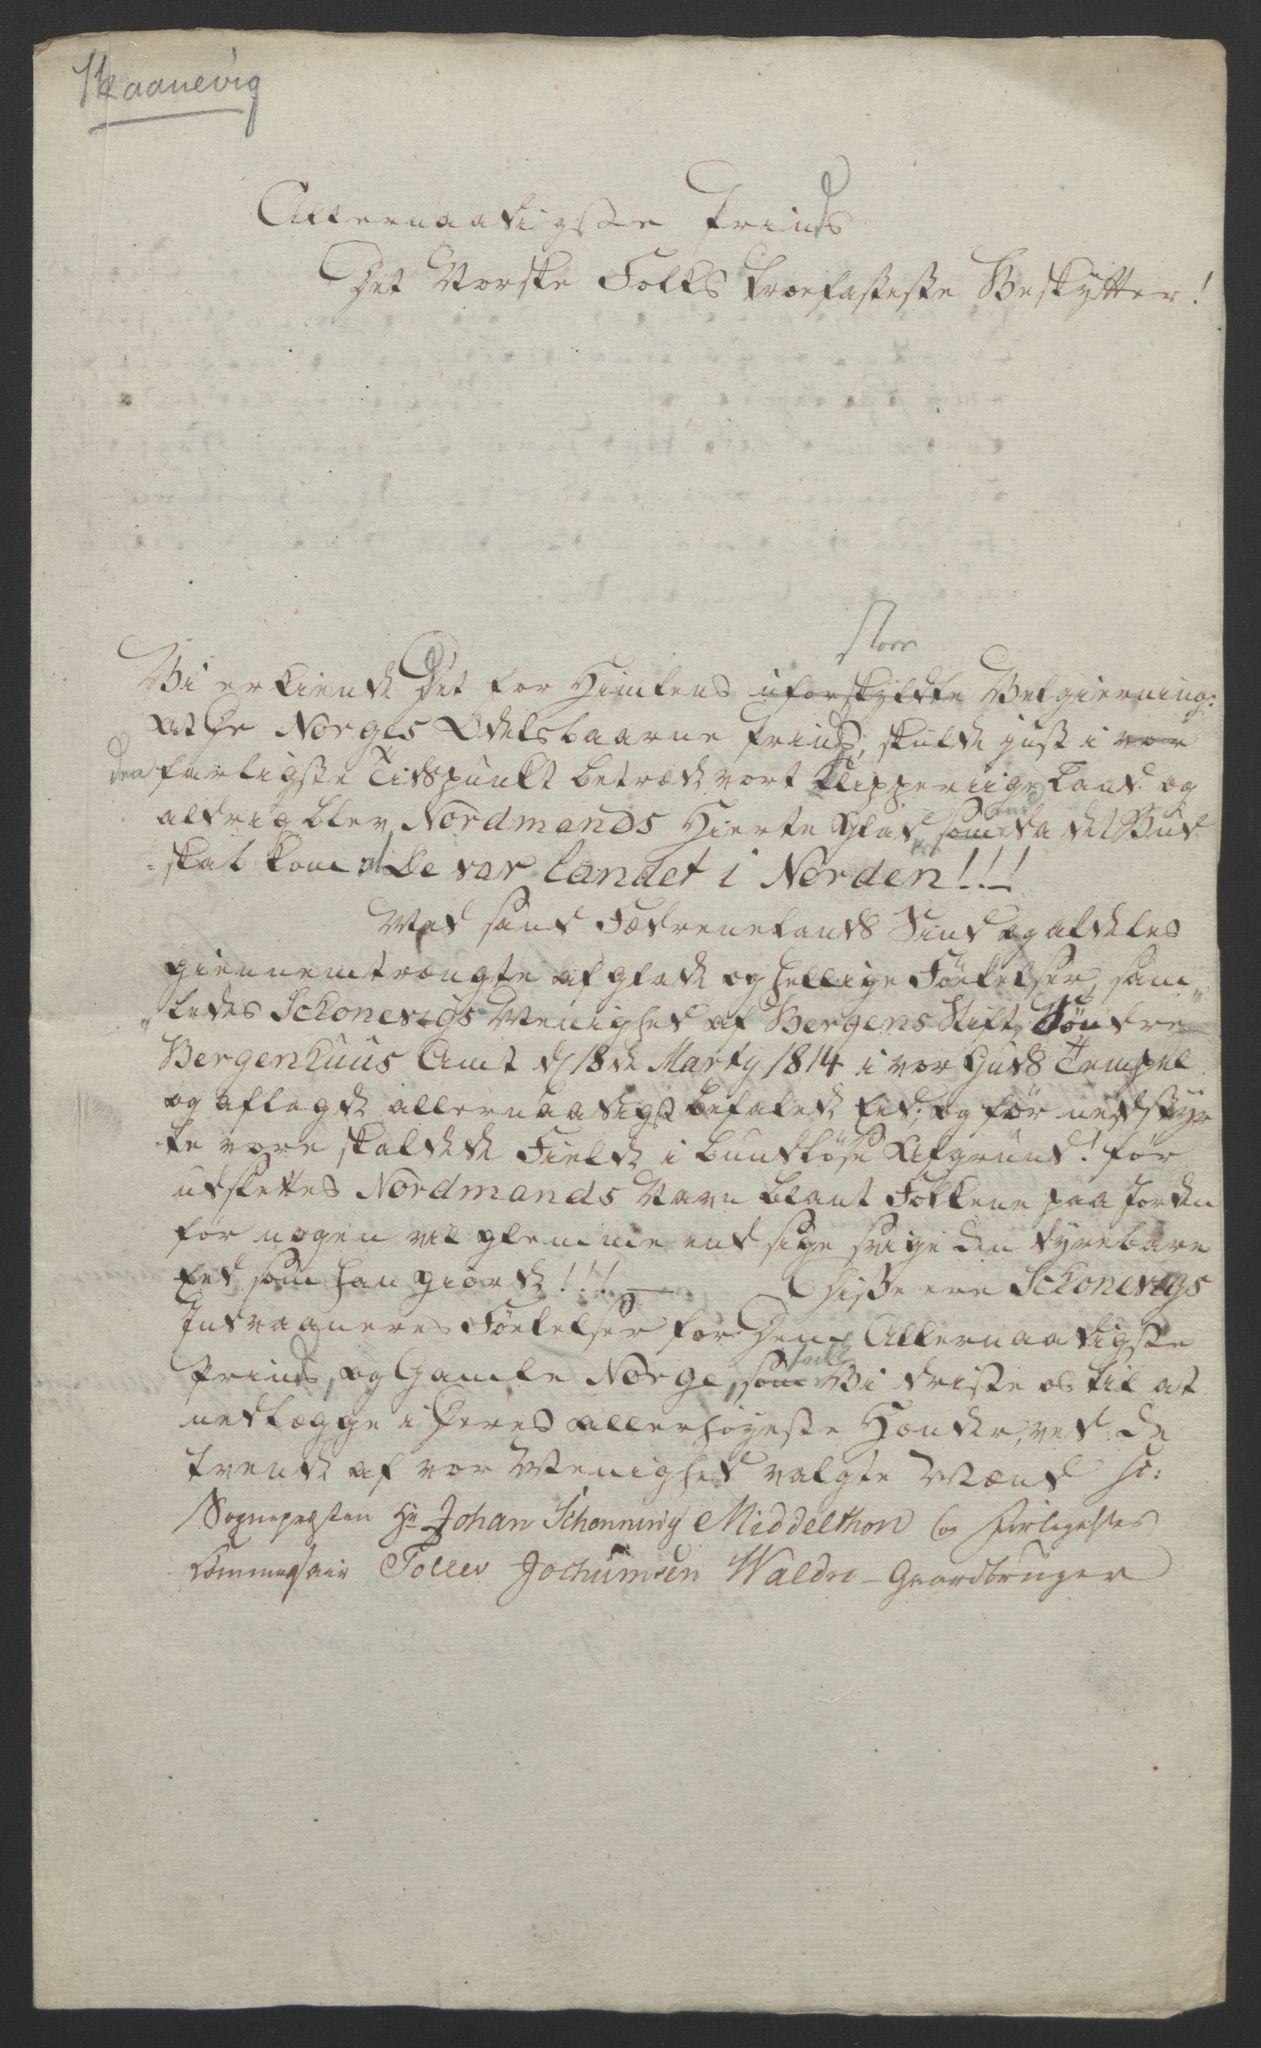 RA, Statsrådssekretariatet, D/Db/L0008: Fullmakter for Eidsvollsrepresentantene i 1814. , 1814, s. 294